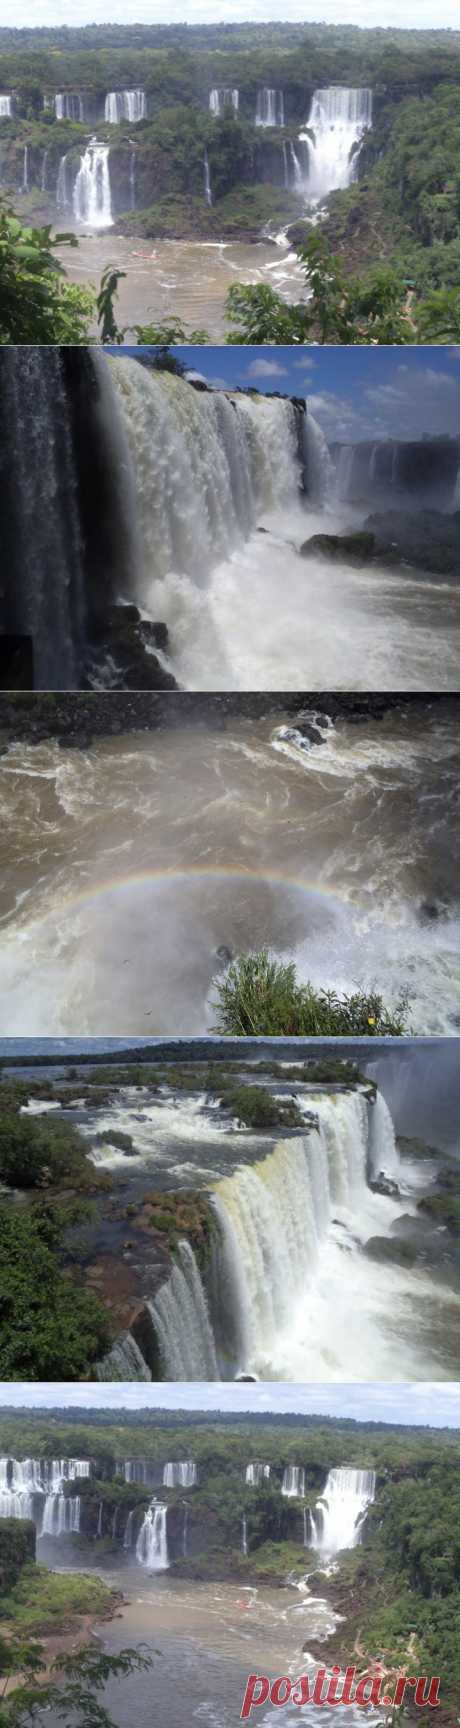 (+1) тема - Водопады Игуасу   Фотоискусство